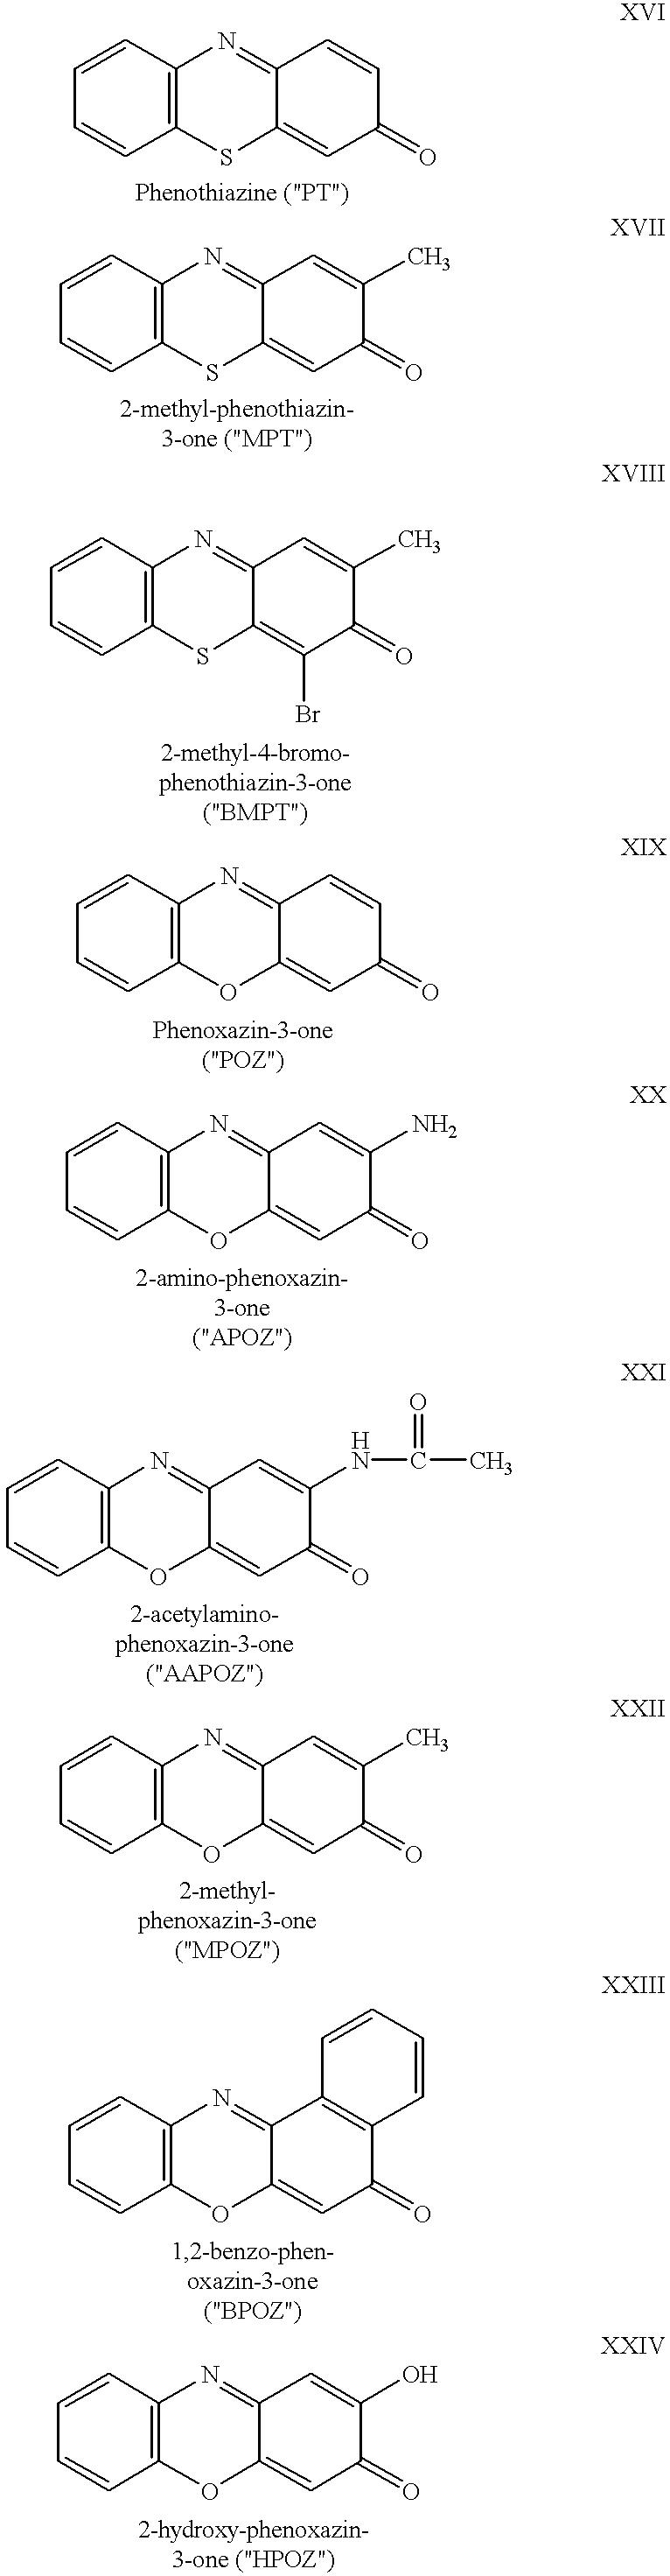 Figure US06420036-20020716-C00019